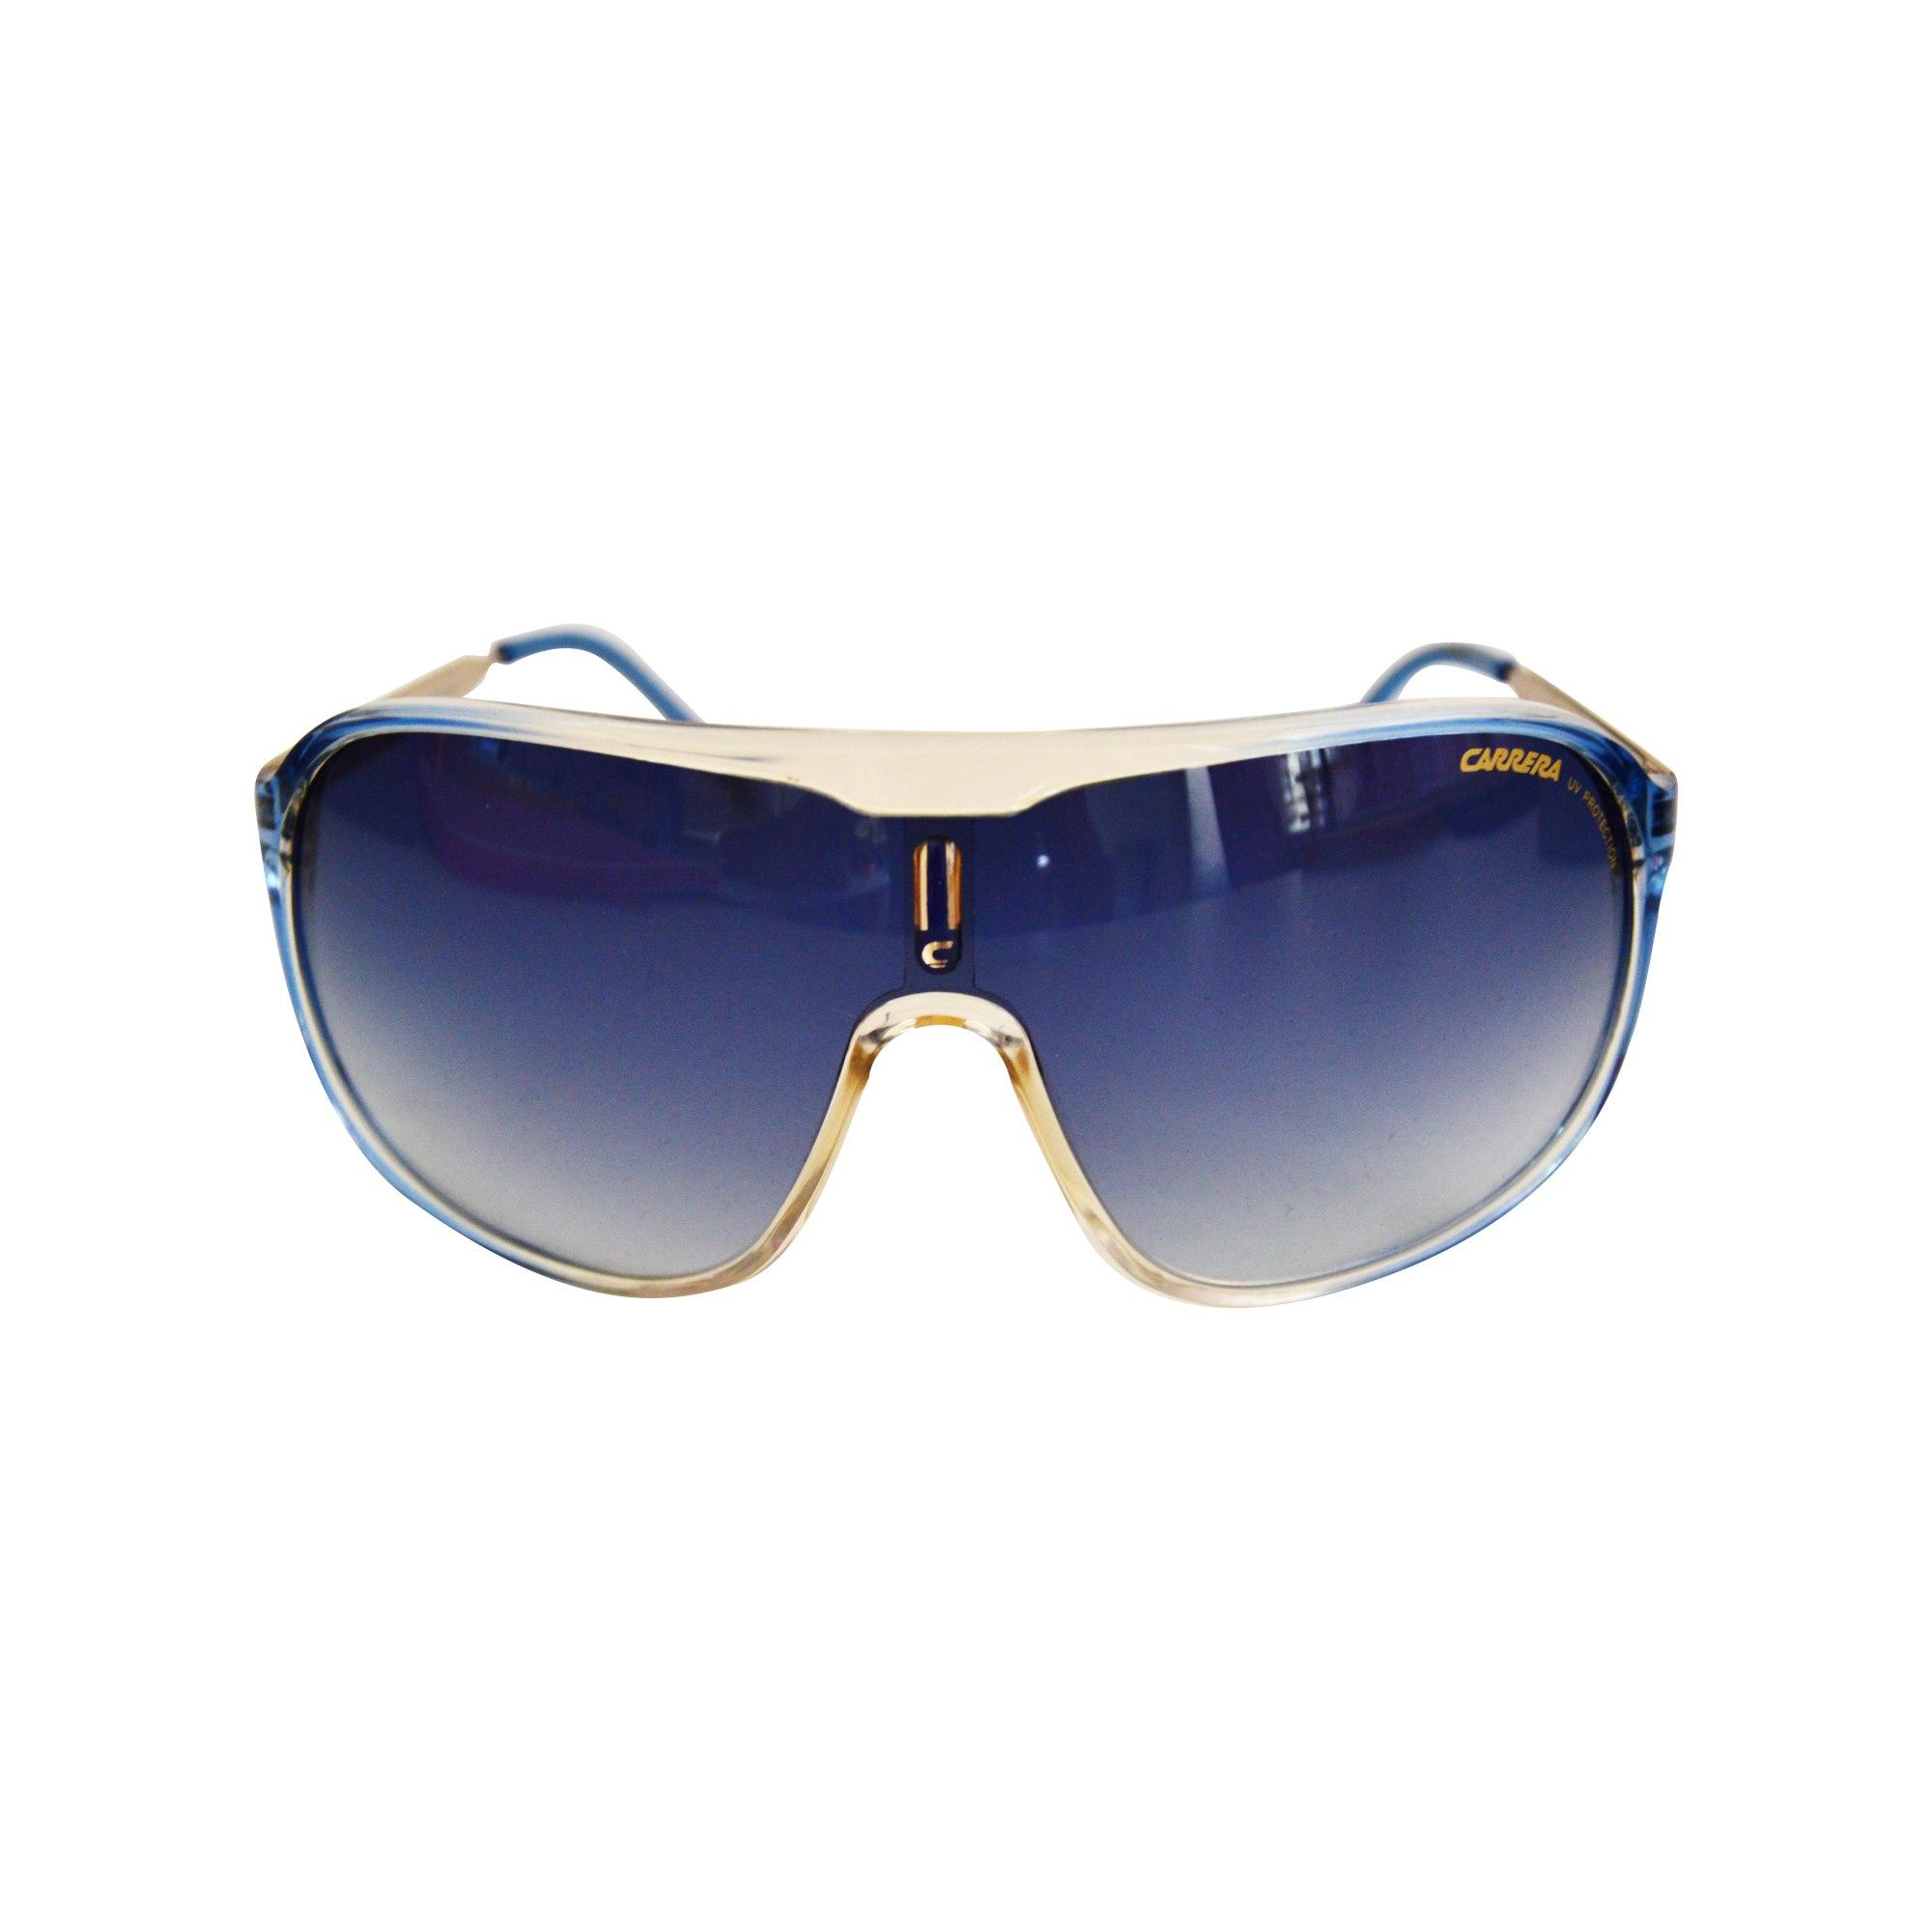 Lunettes de soleil CARRERA bleu vendu par Dianooch478852 - 1632375 ef0823546b55